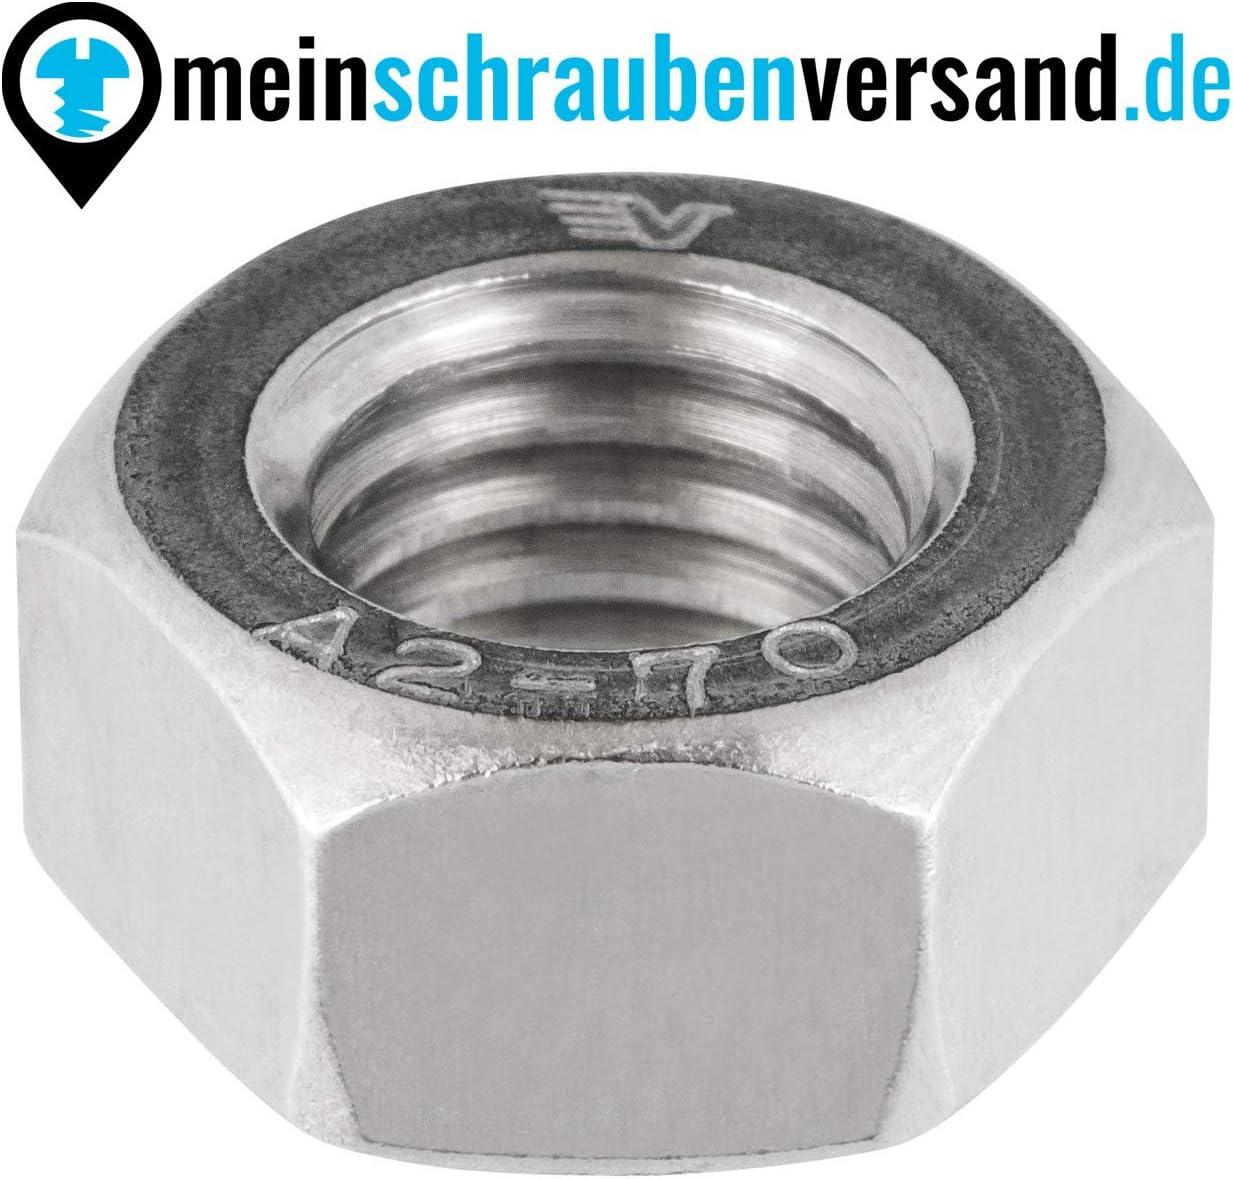 V2A versi/ón est/ándar DIN 934 ISO 4032 Tuercas hexagonales M8 10 unidades M8 tuercas de acero inoxidable A2